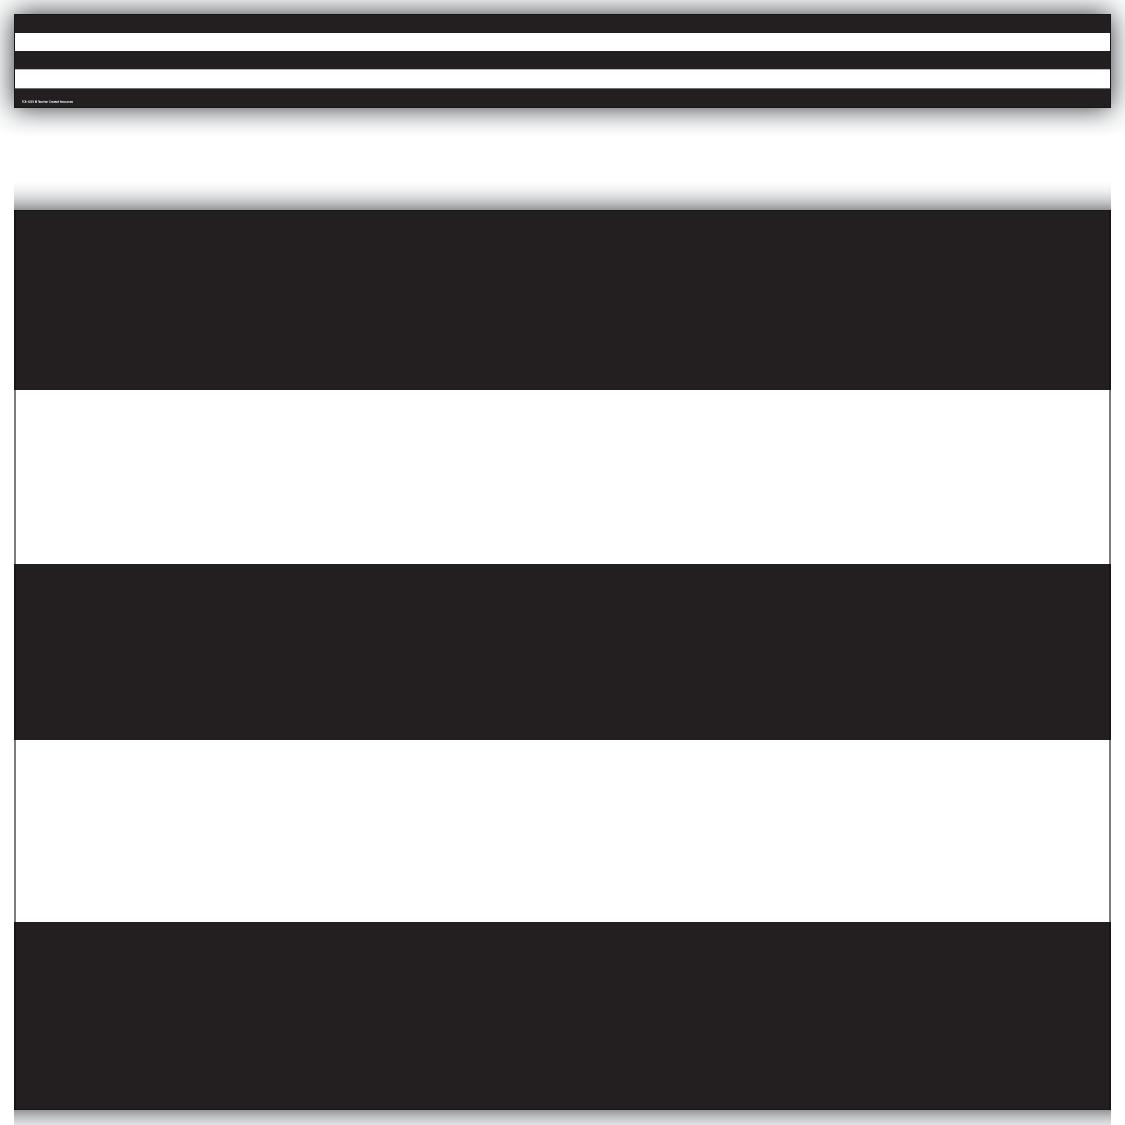 black white stripes straight border trim tcr5223 teacher